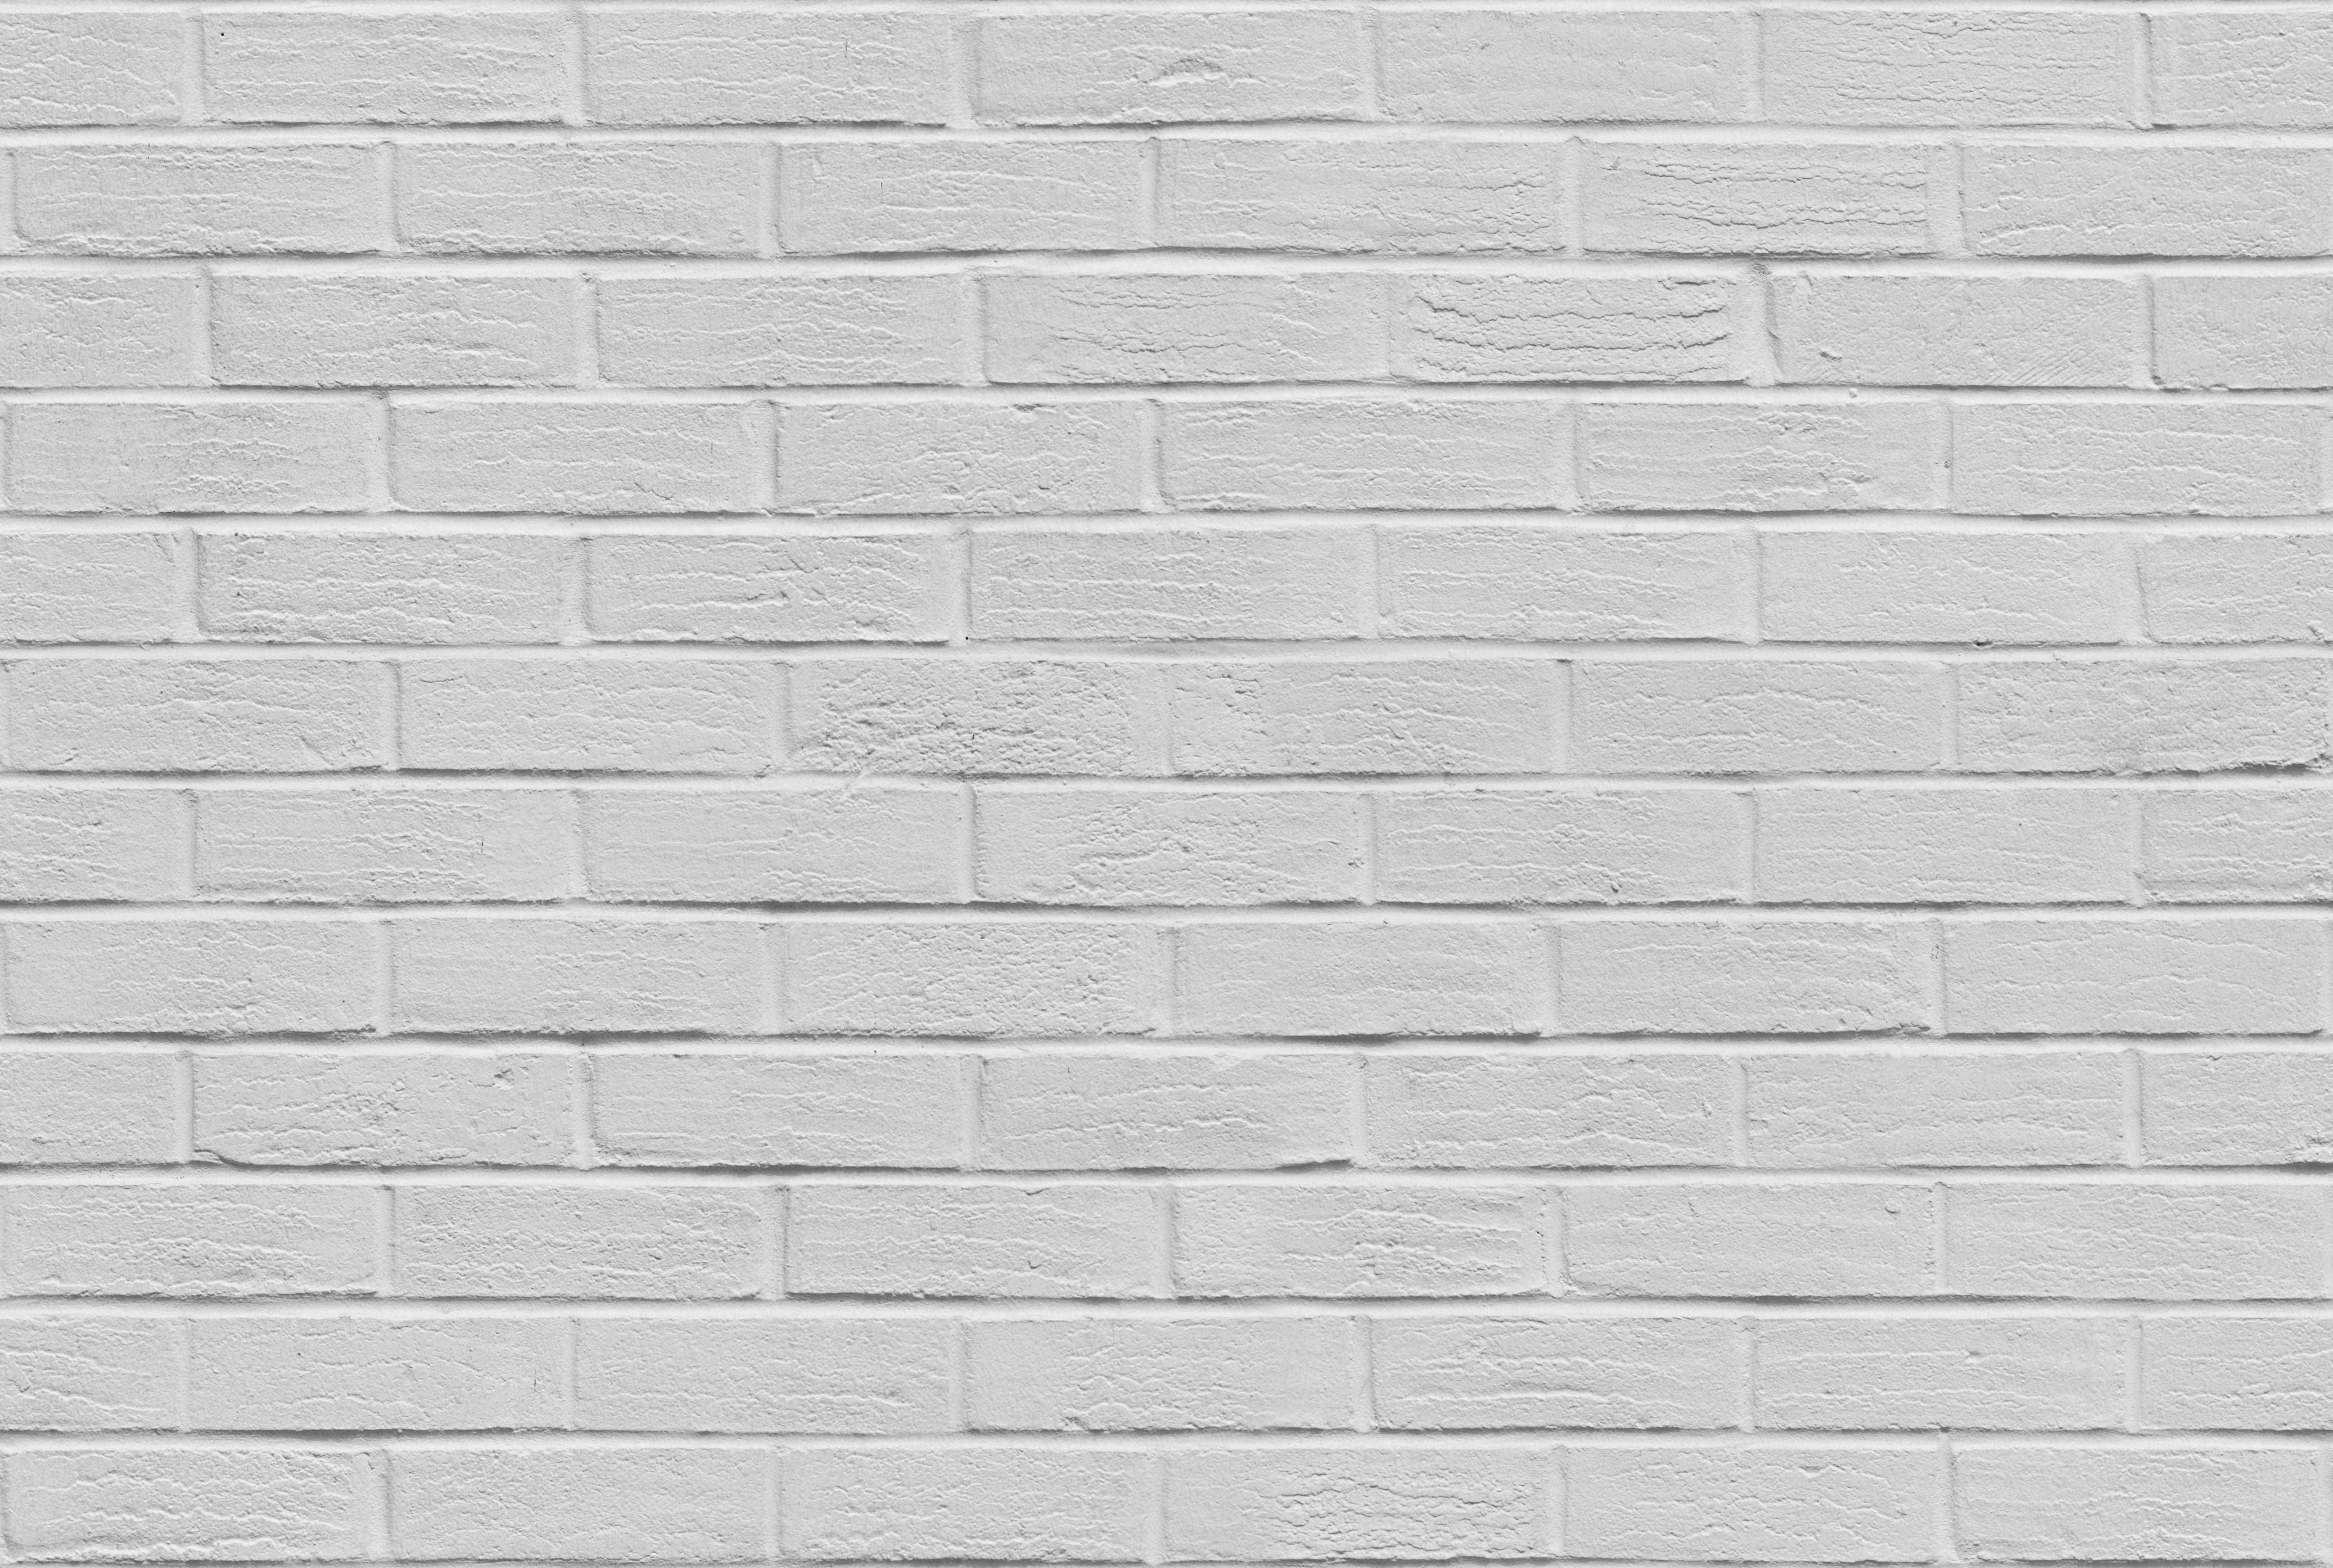 15+ White Brick Textures, Patterns, Photoshop Textures | FreeCreatives